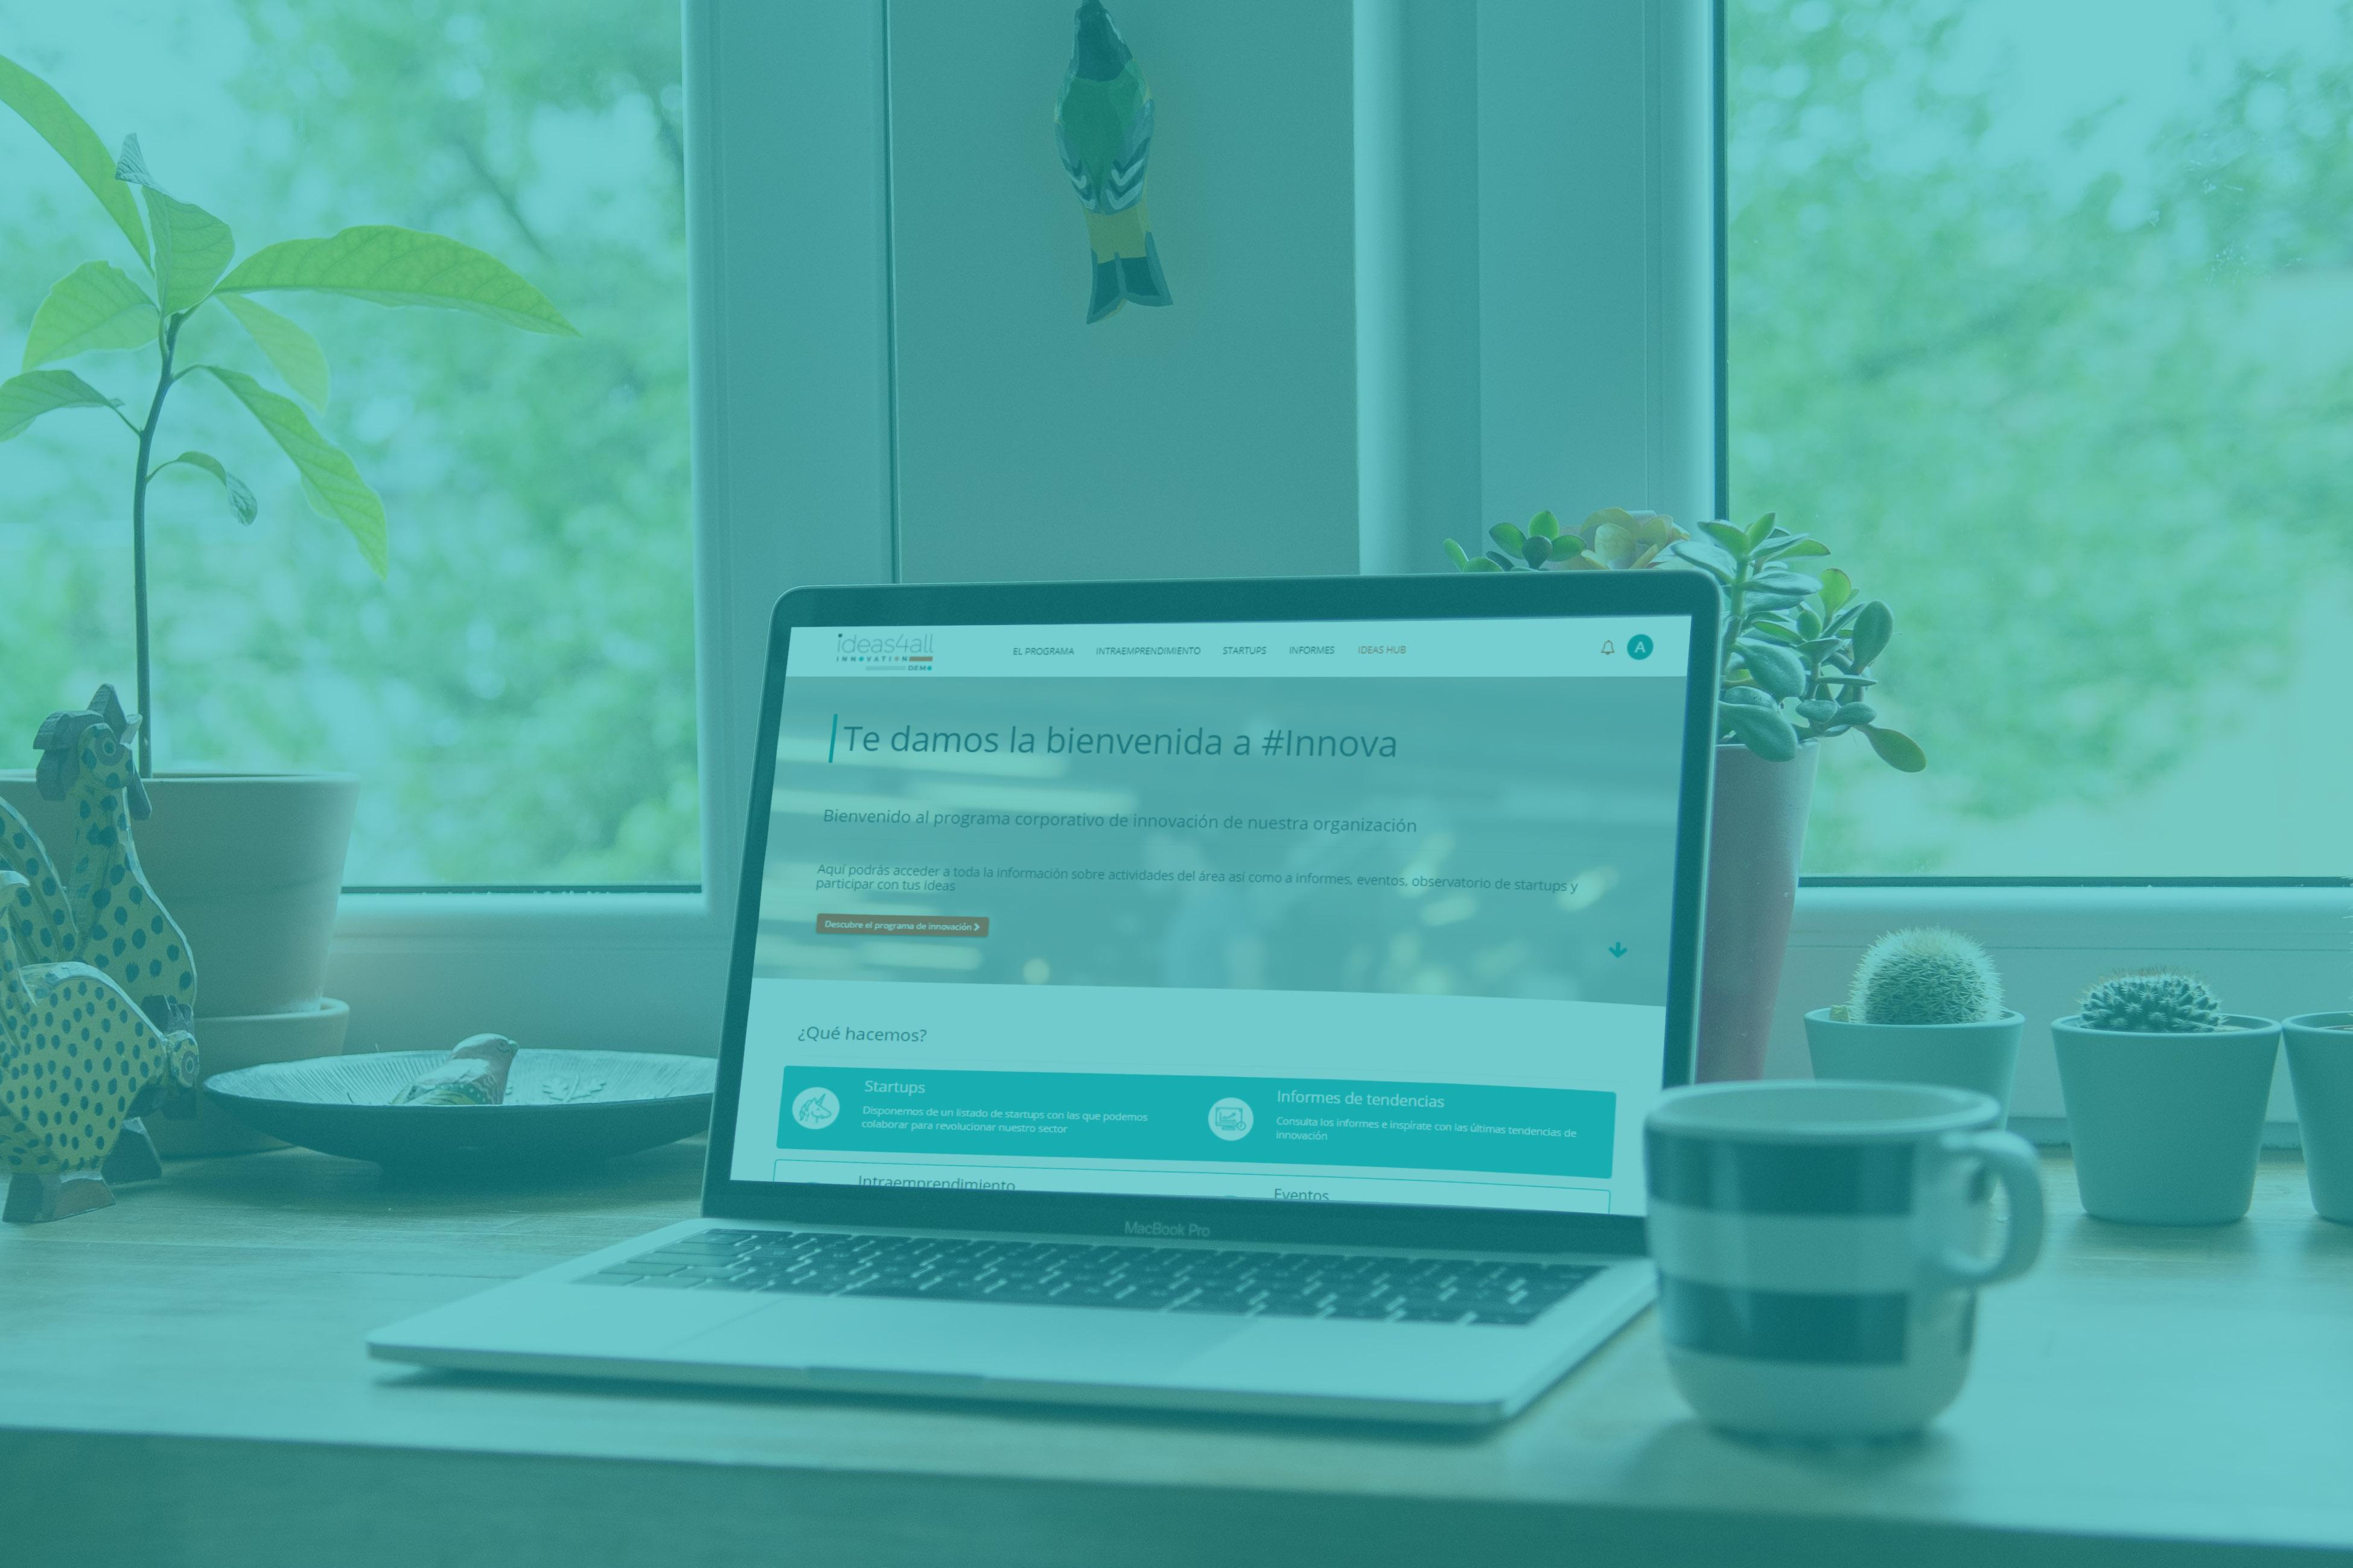 nuestro portal está al servicio de tu programa de innovación